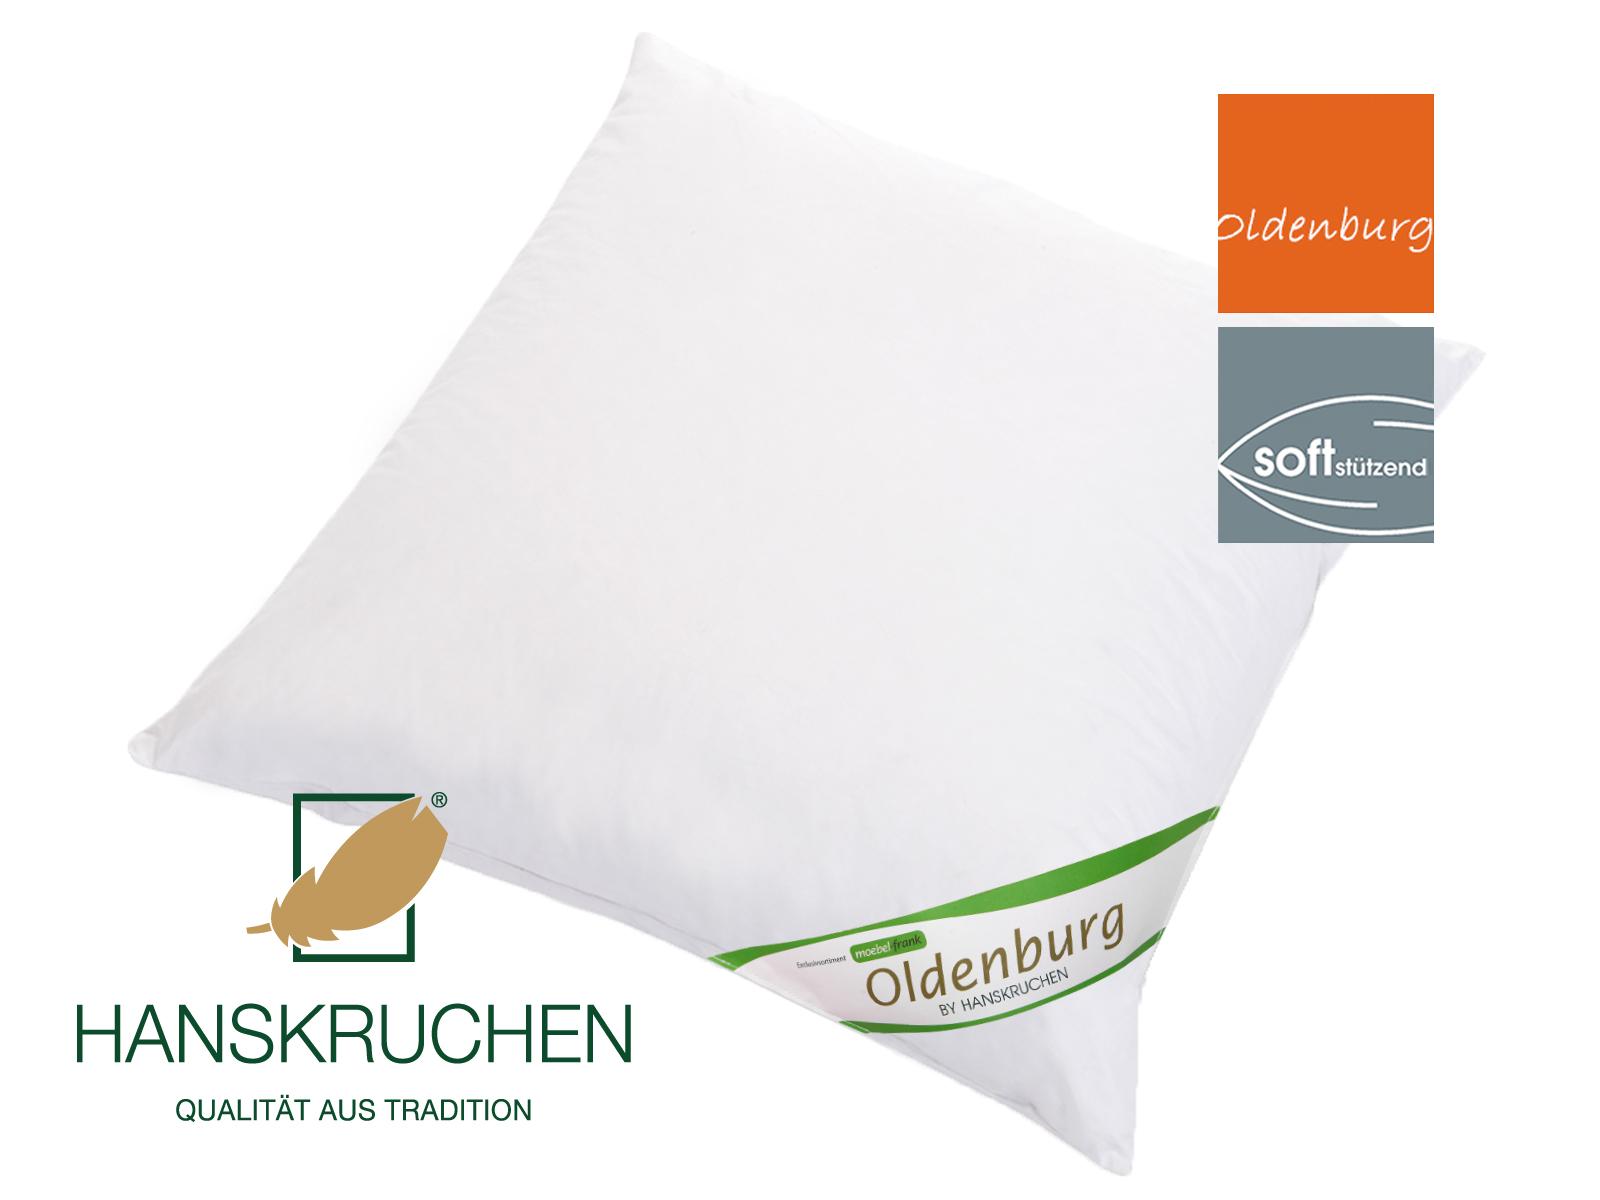 3-Kammer Kopfkissen neue weiße Landdaune und -federn Baumwolle Oldenburg 80x80cm und 40x80cm Hanskruchen – Bild 4